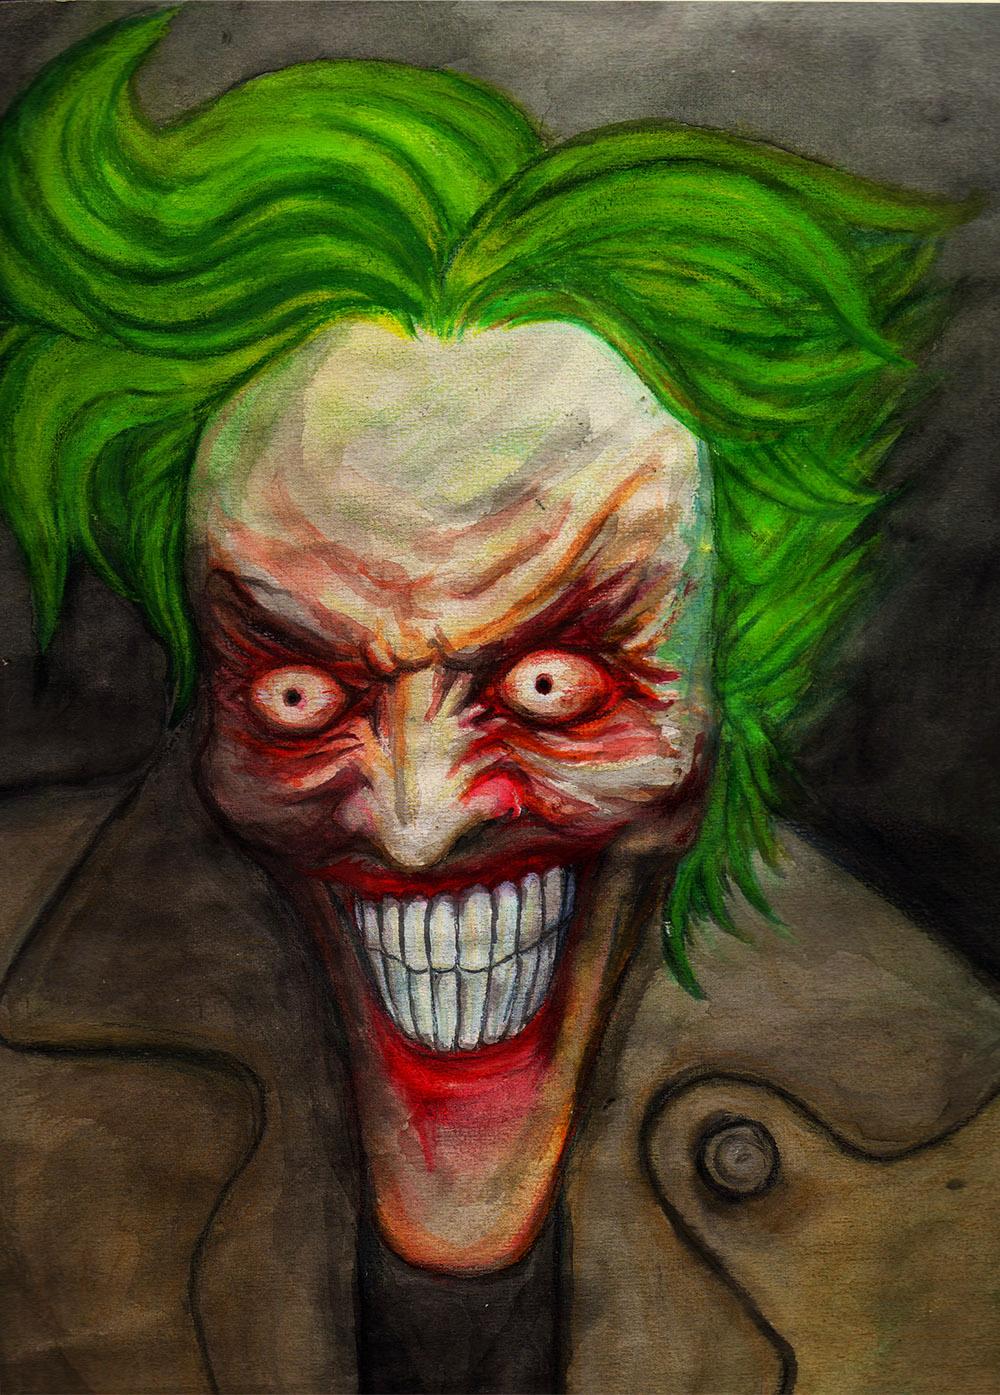 Joker Final version